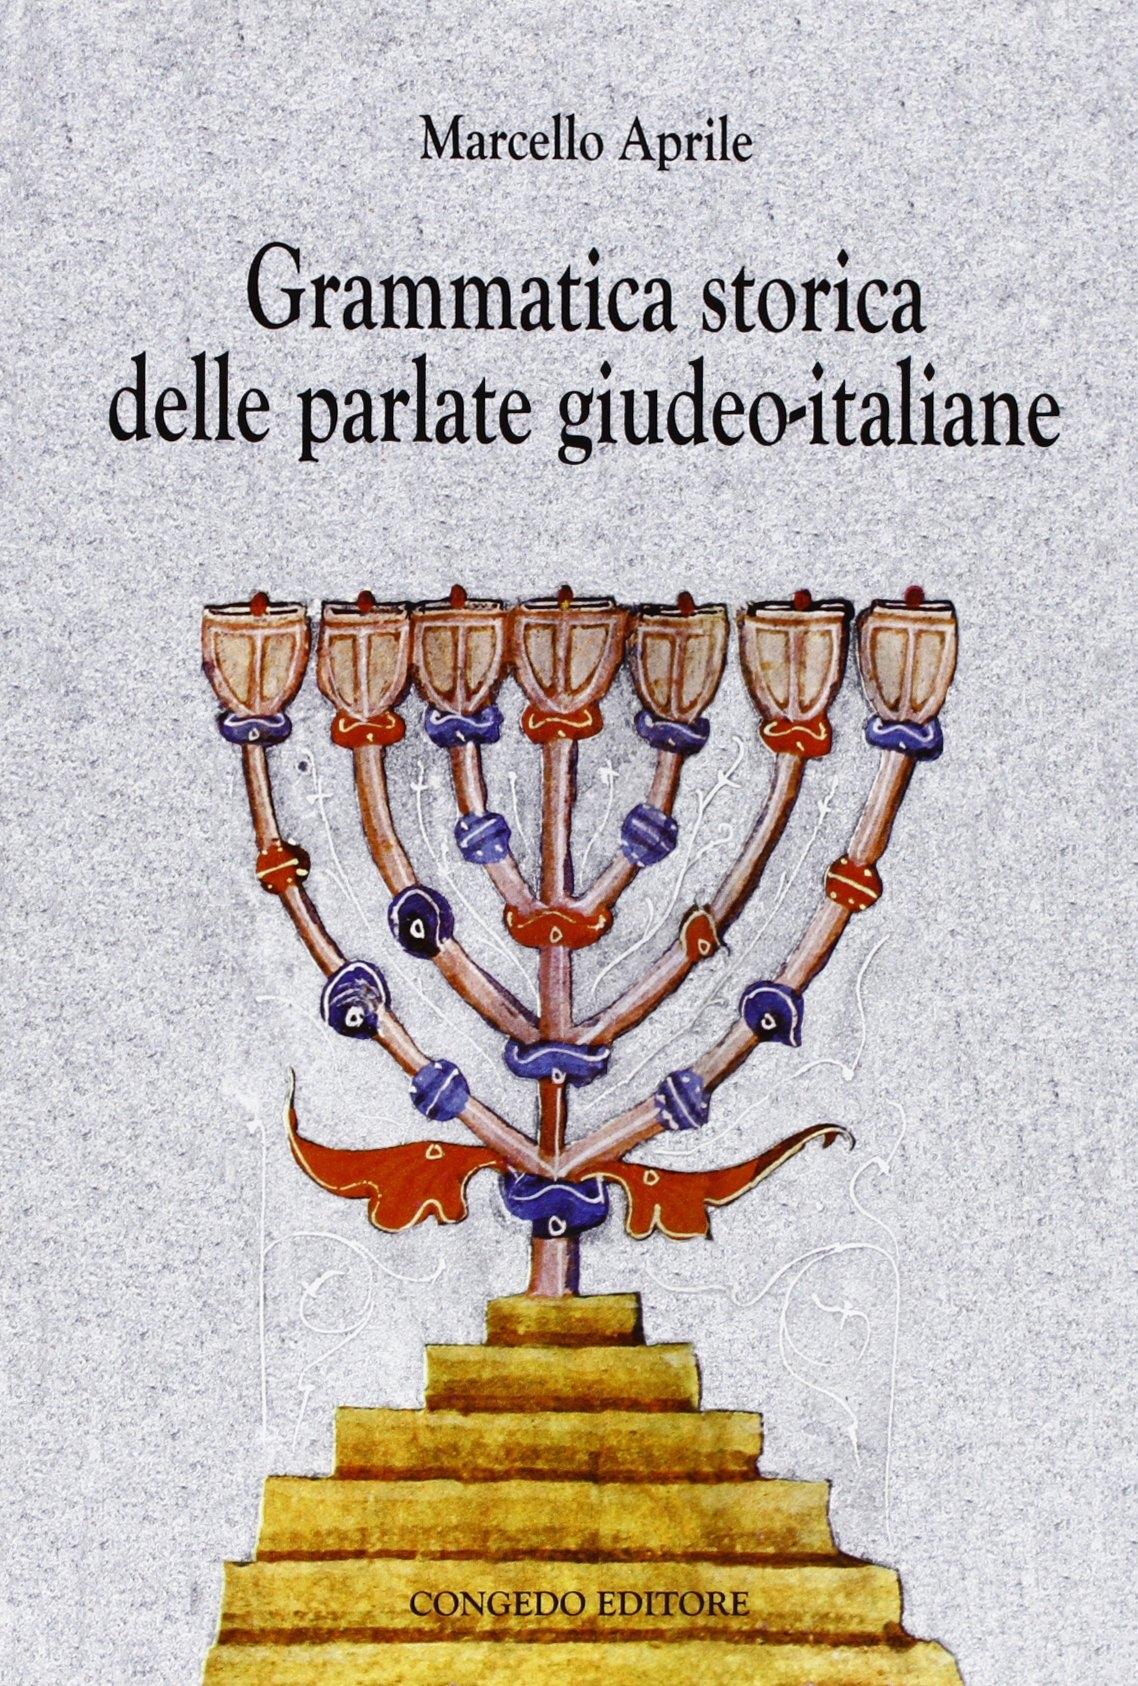 Grammatica storica delle parlate giudeo-italiane.